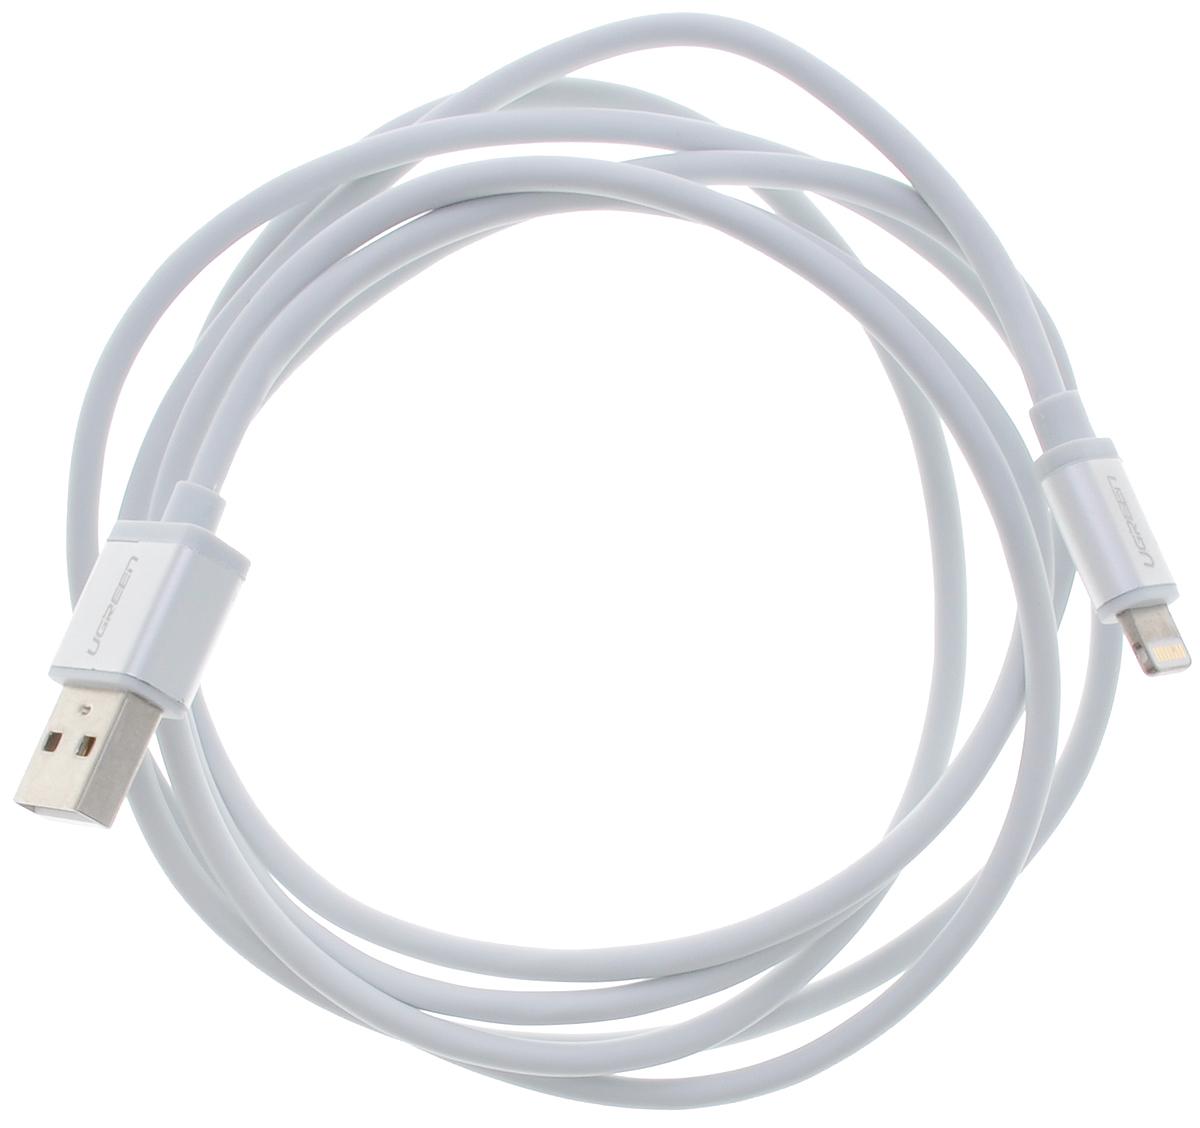 Ugreen UG-10814, White Silver кабель-переходник USB 2 мUG-10814Кабель Ugreen UG-10813 подходит для зарядки и синхронизации iPhone/iPod/iPad с интерфейсом Lightning и полностью соответствует стандартам качества Apple.